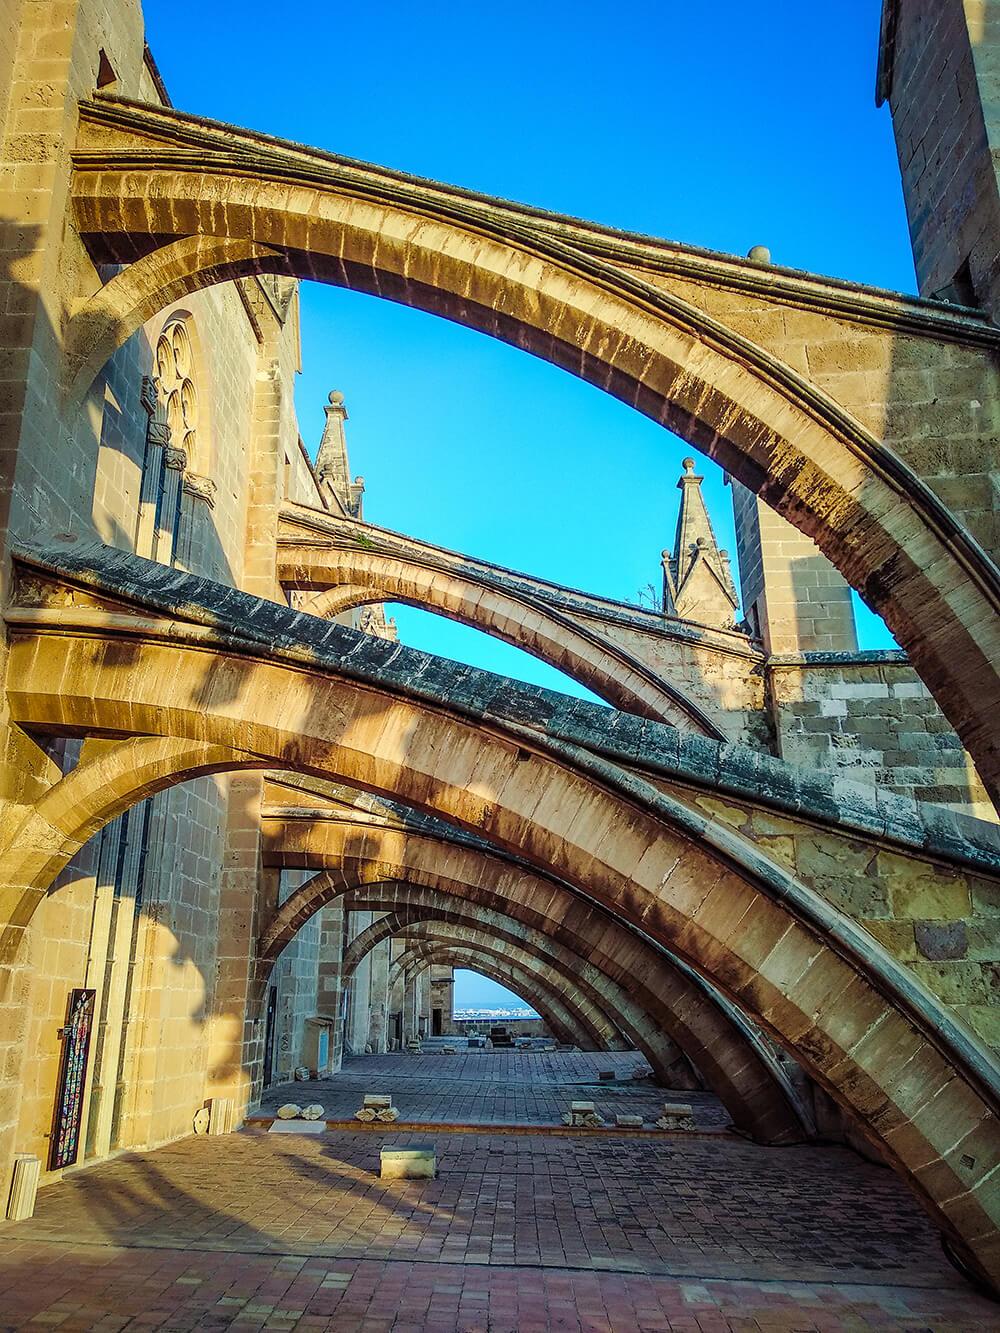 Palma-de-Mallorca-Kathedrale-La-Seu-Dach-22